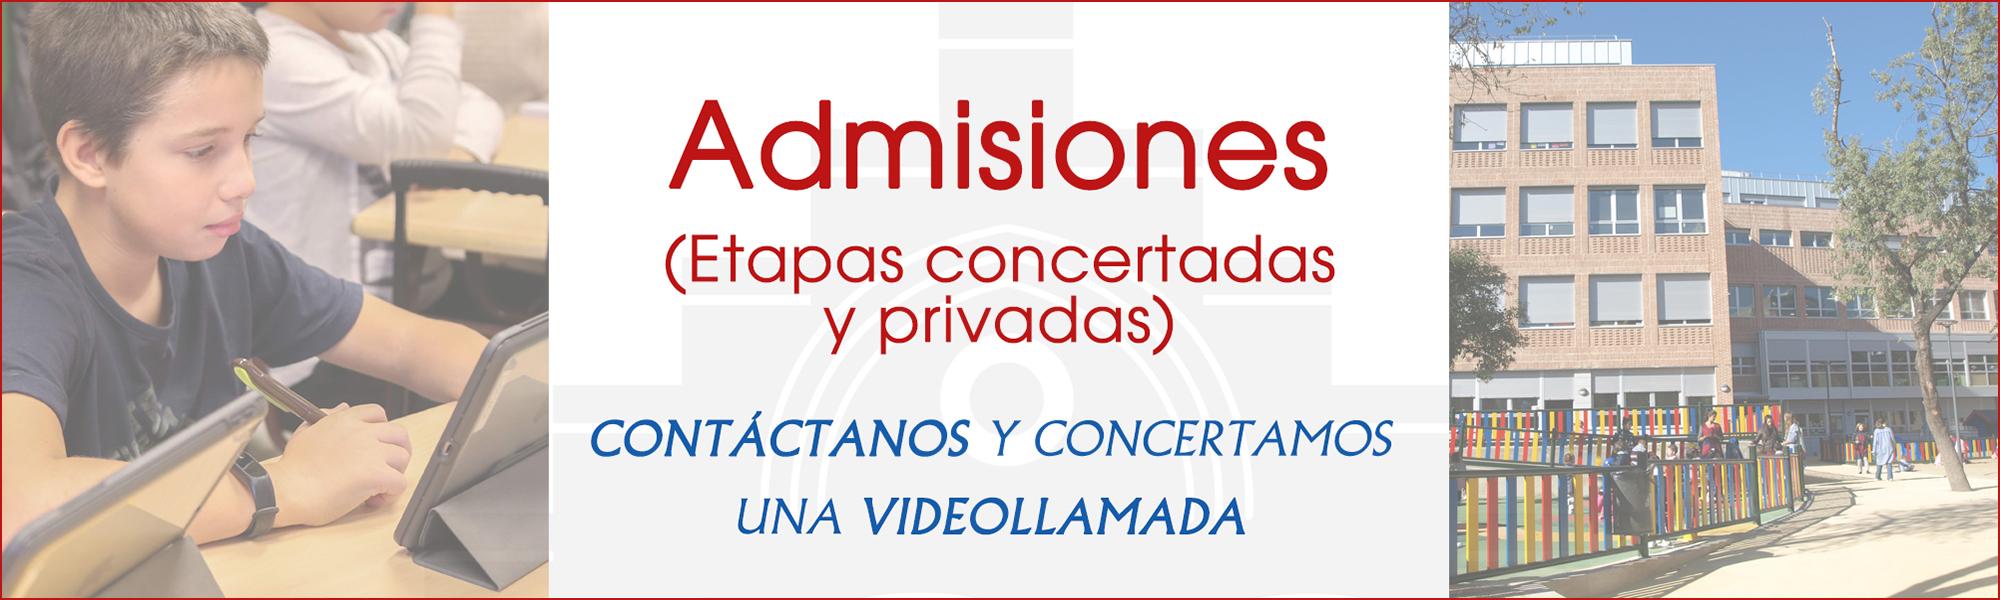 Admisiones plazas privadas y concertadas en El Porvenir